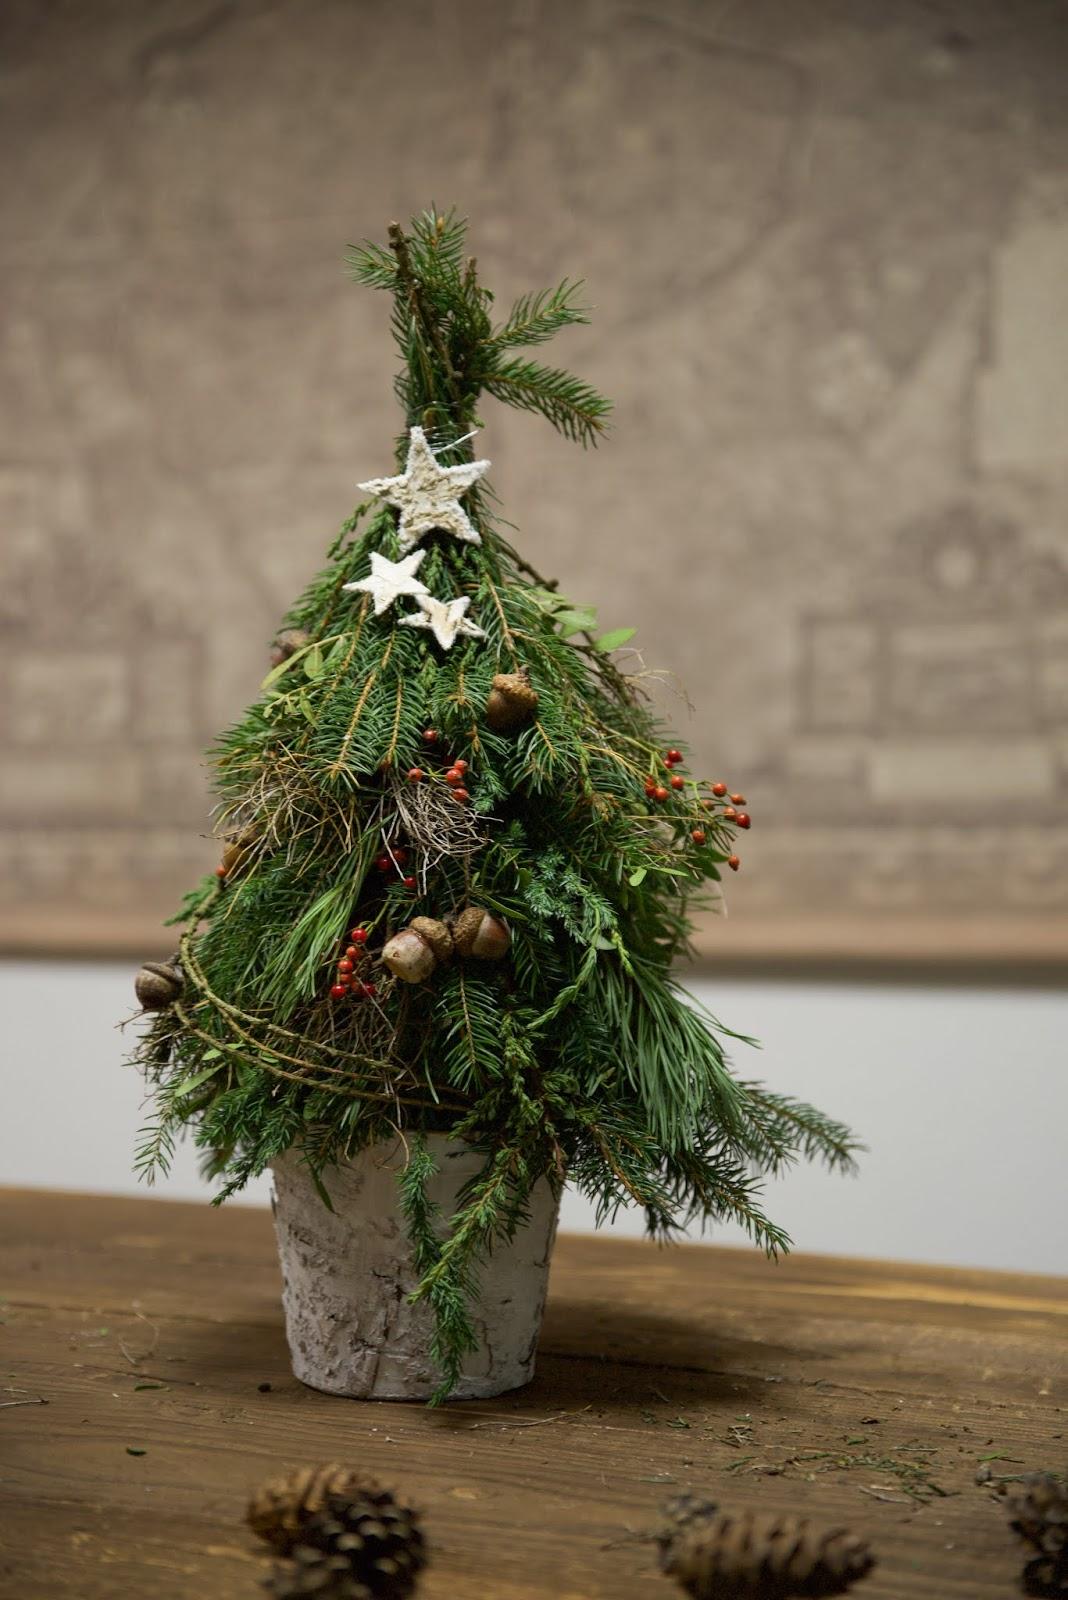 Workshop Rückblick Winterdeko aus Naturmaterialien von Kreativ-Natürlich-Ideenreich: Winterbäume Winterbaum selber machen mit tollen Materialien Ideen Inspirationen Kreativsein winterliche Deko und mehr gestalten